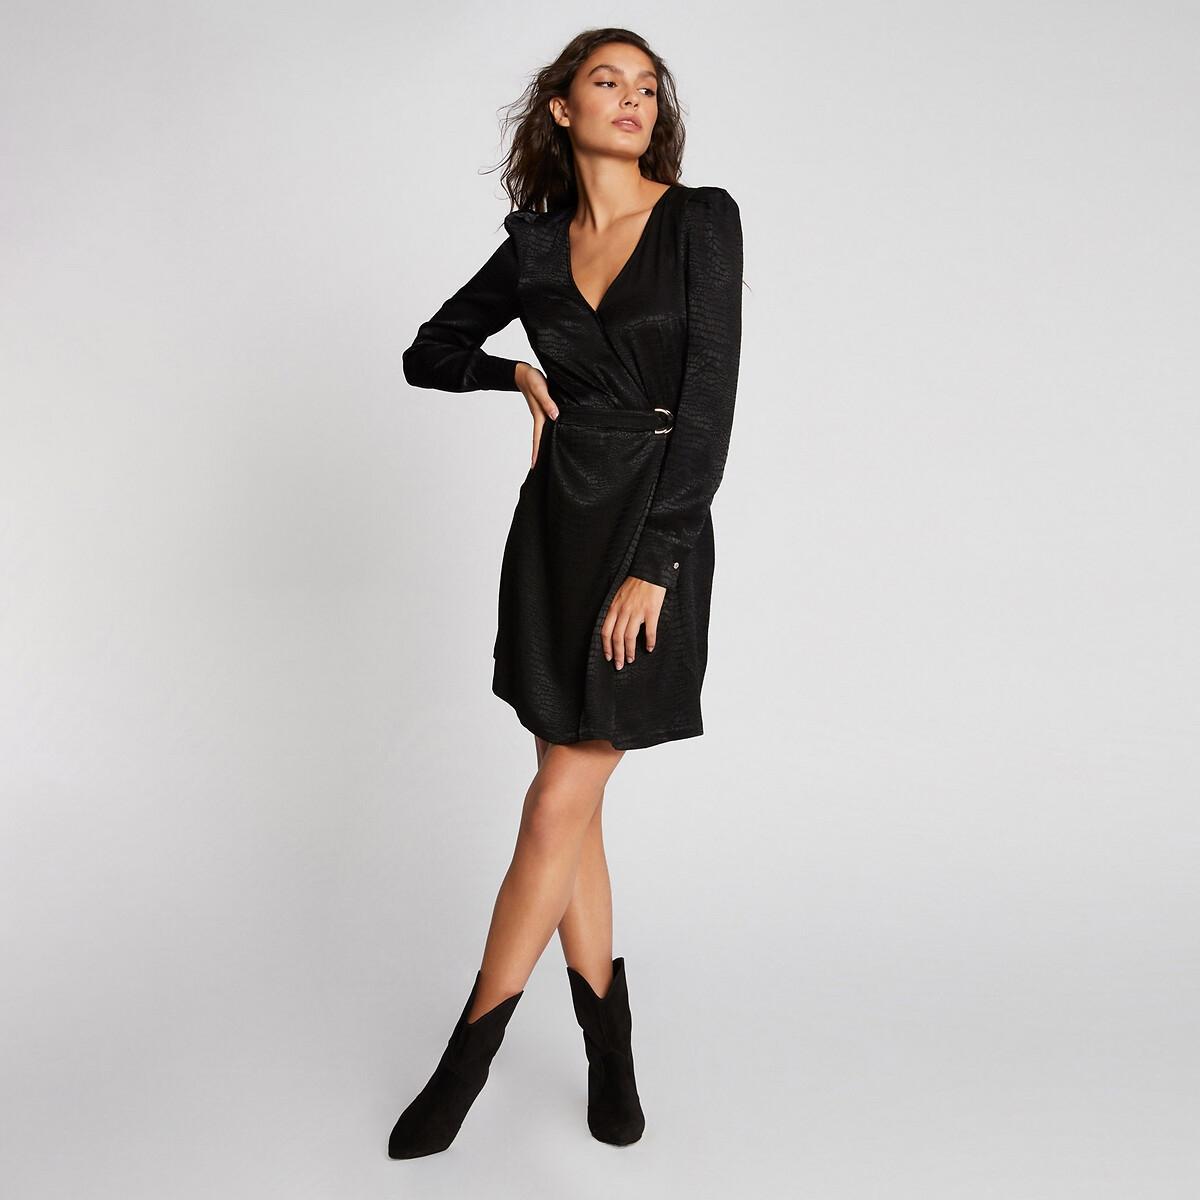 Фото - Платье LaRedoute С запахом короткое 38 (FR) - 44 (RUS) черный платье laredoute с запахом с рисунком 34 fr 40 rus синий